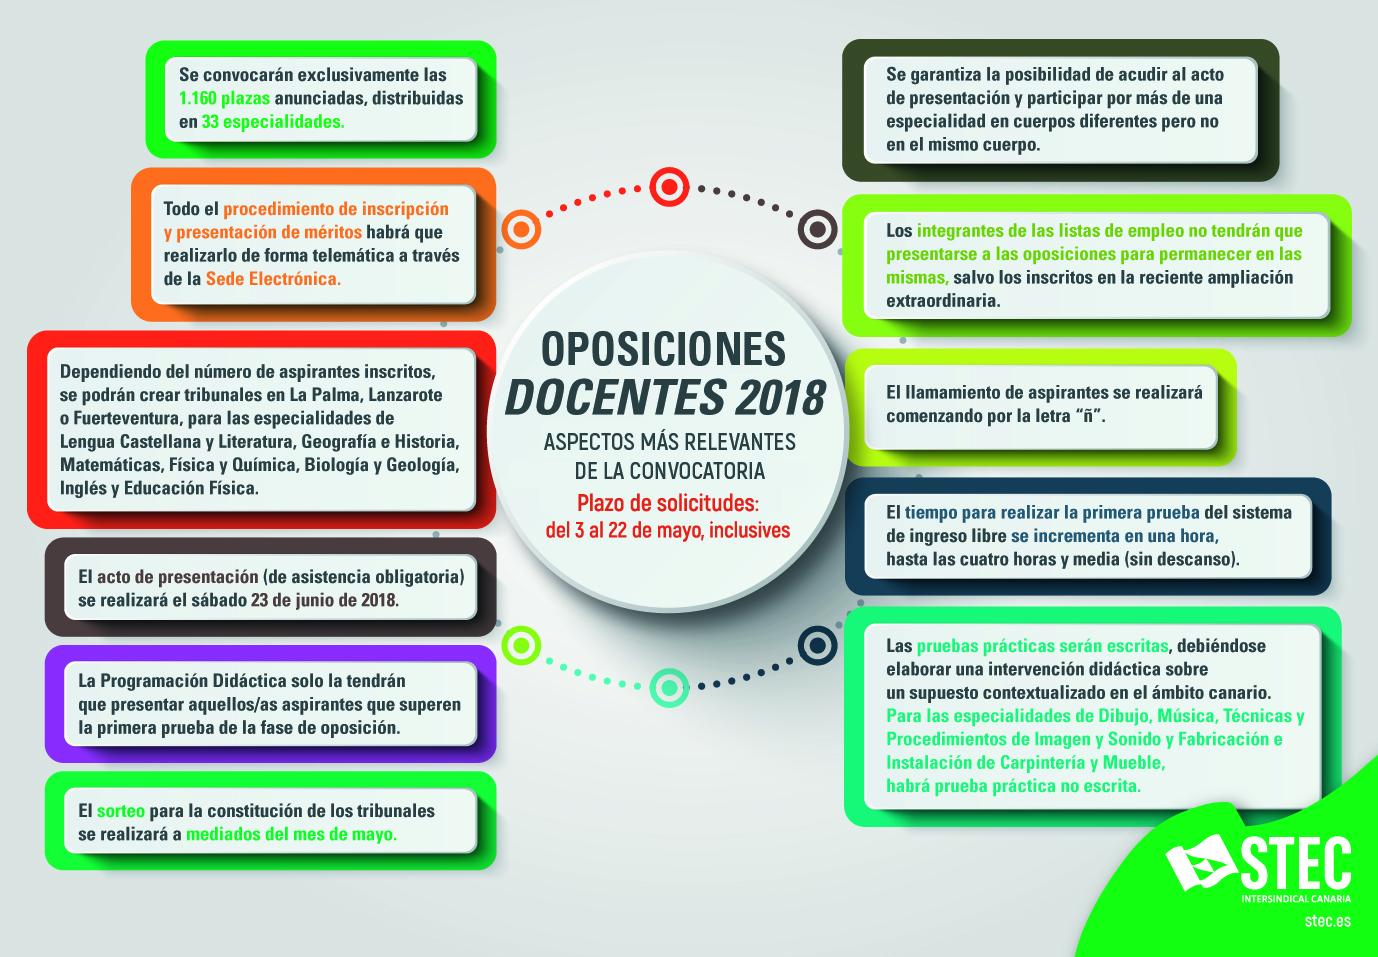 STEC-IC - Información práctica Oposiciones docentes 2018